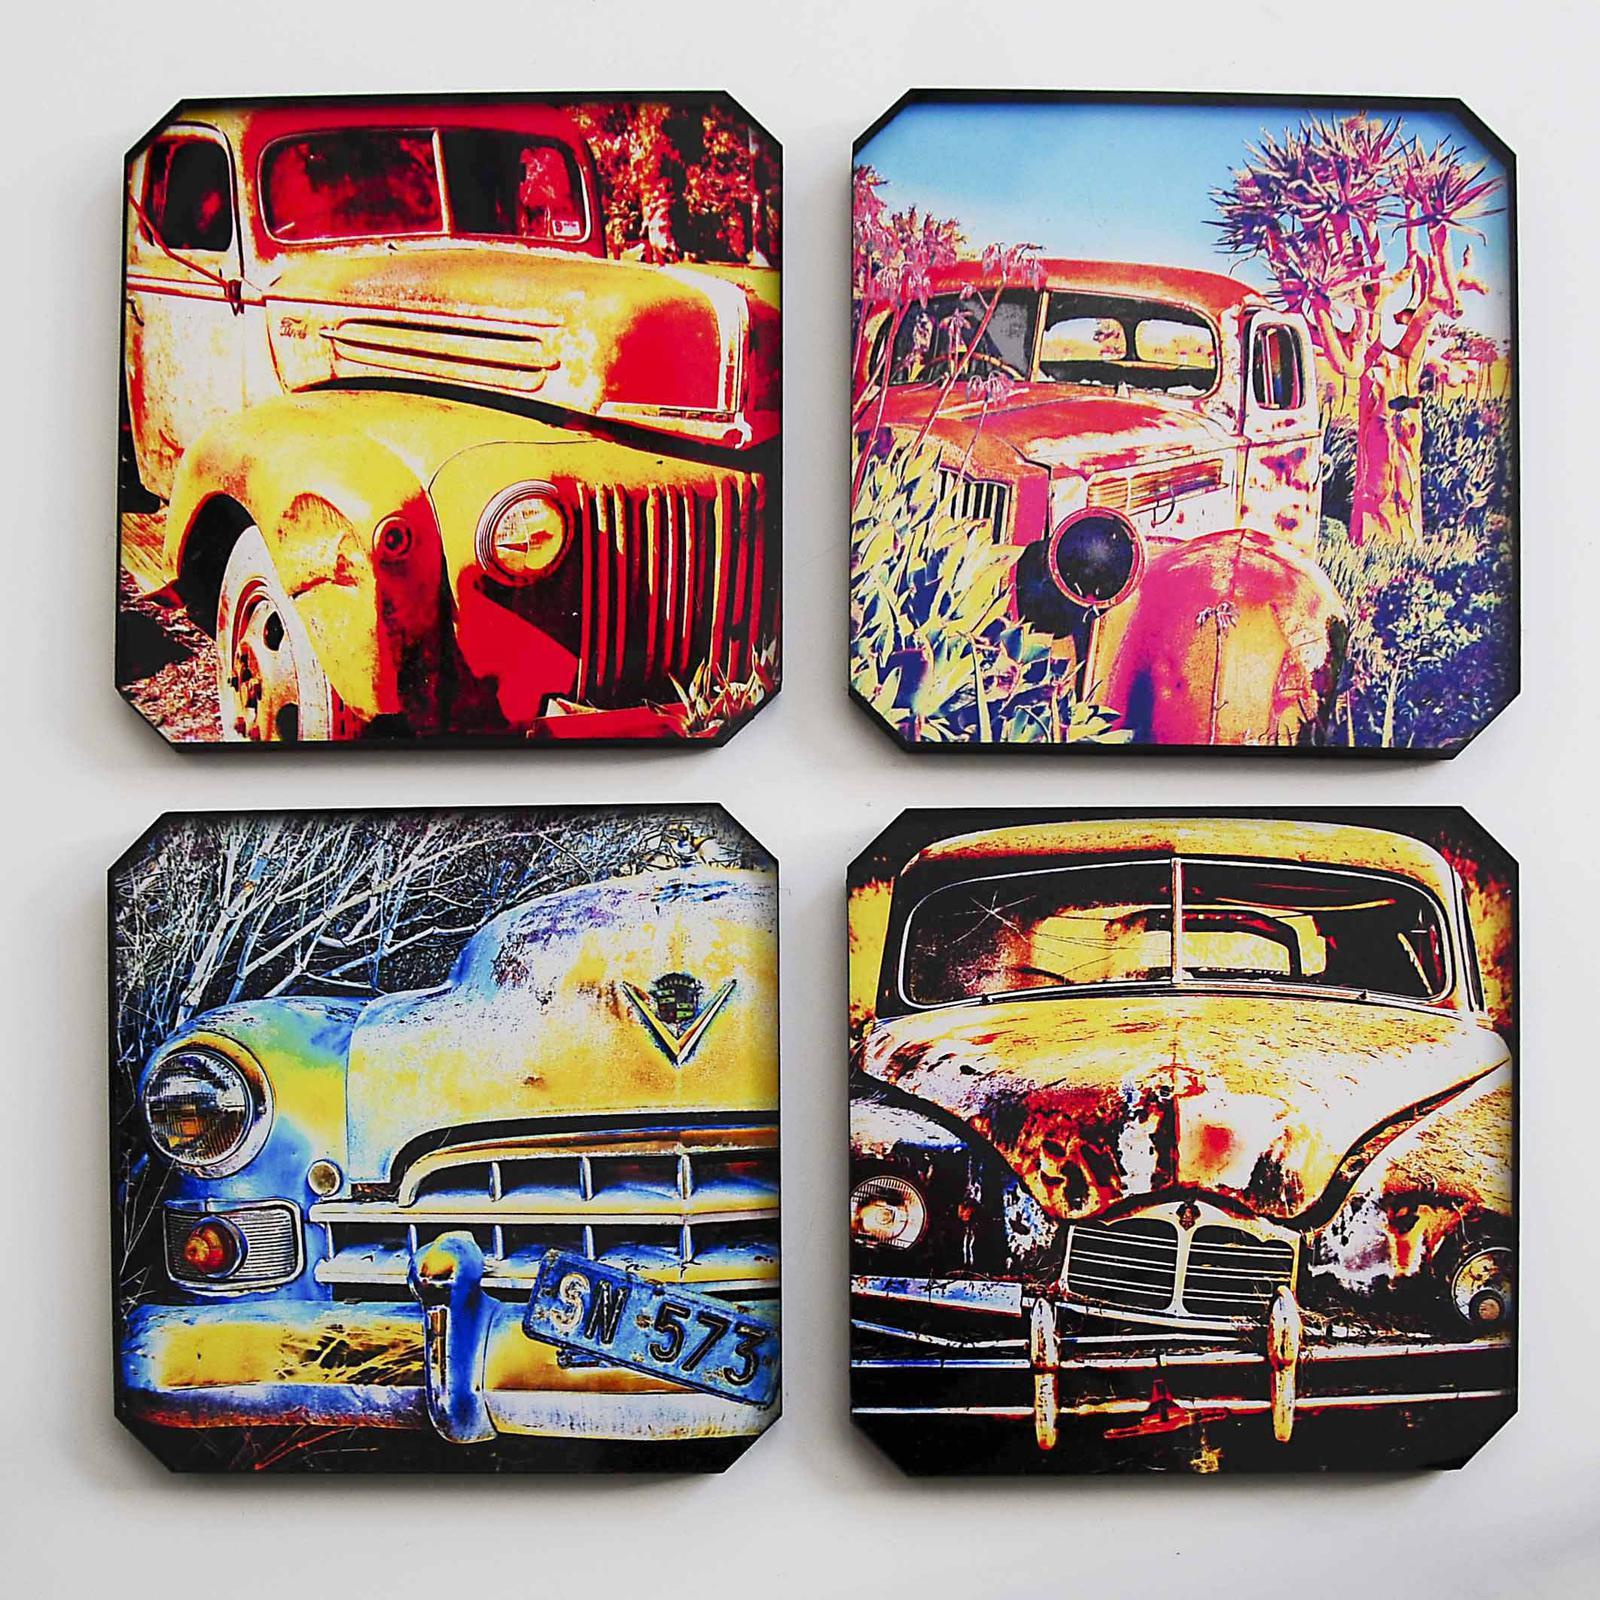 Acrylic photo coasters of retro cars - also custom made